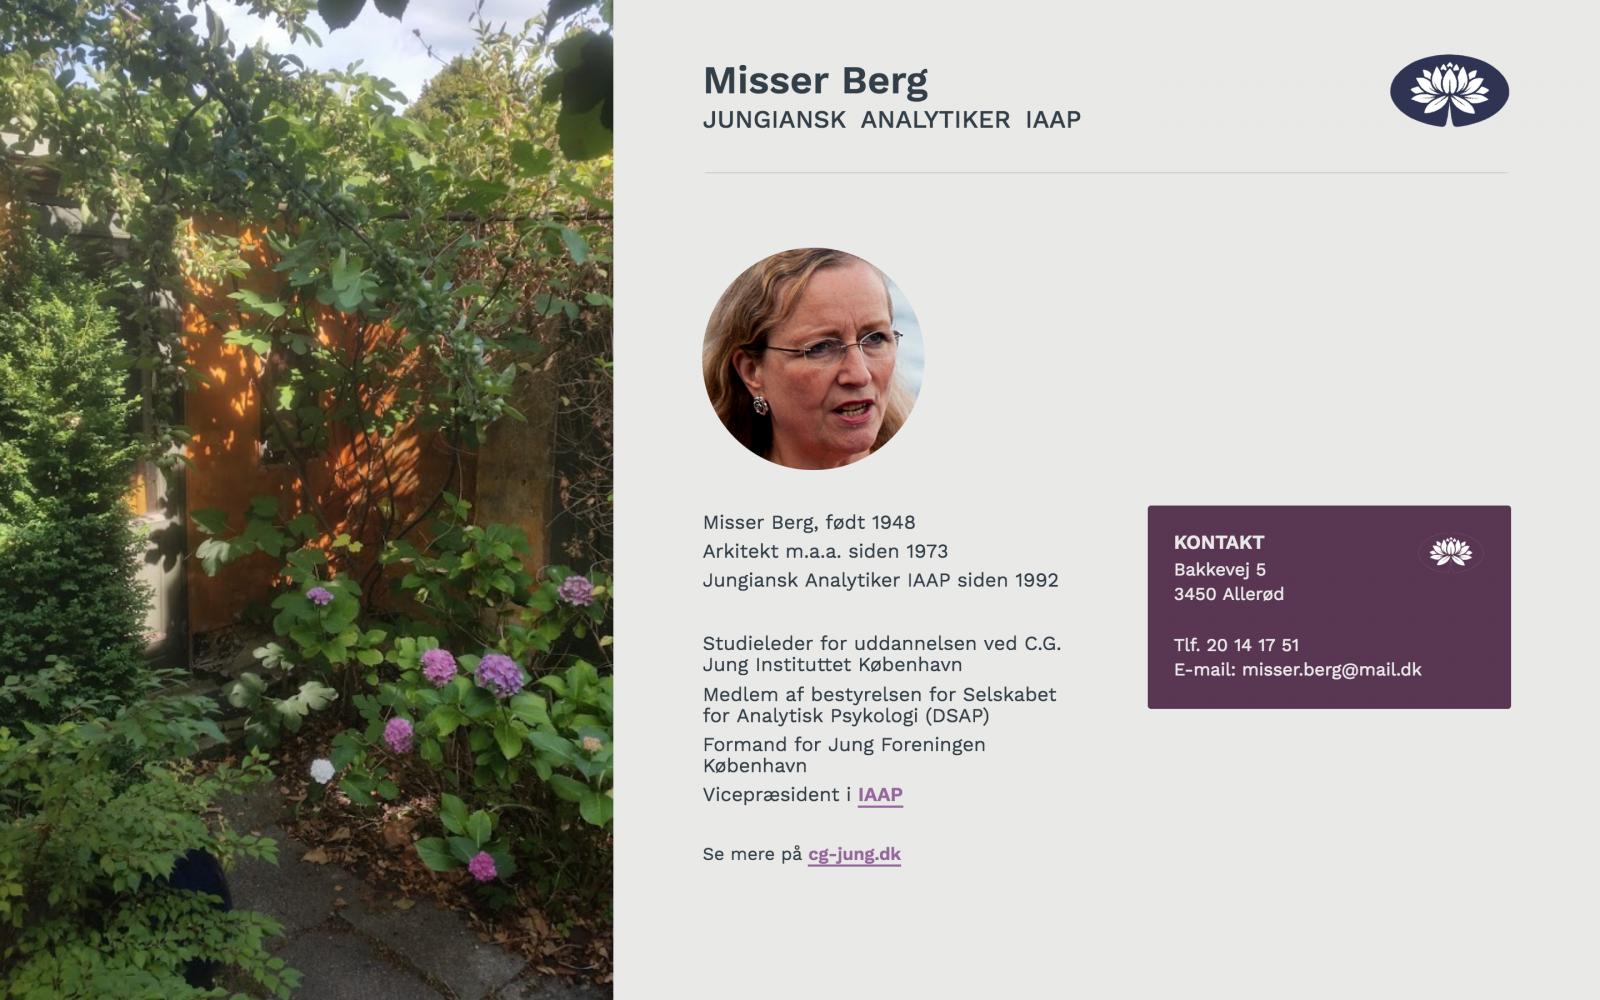 misserberg.dk - desktop version.